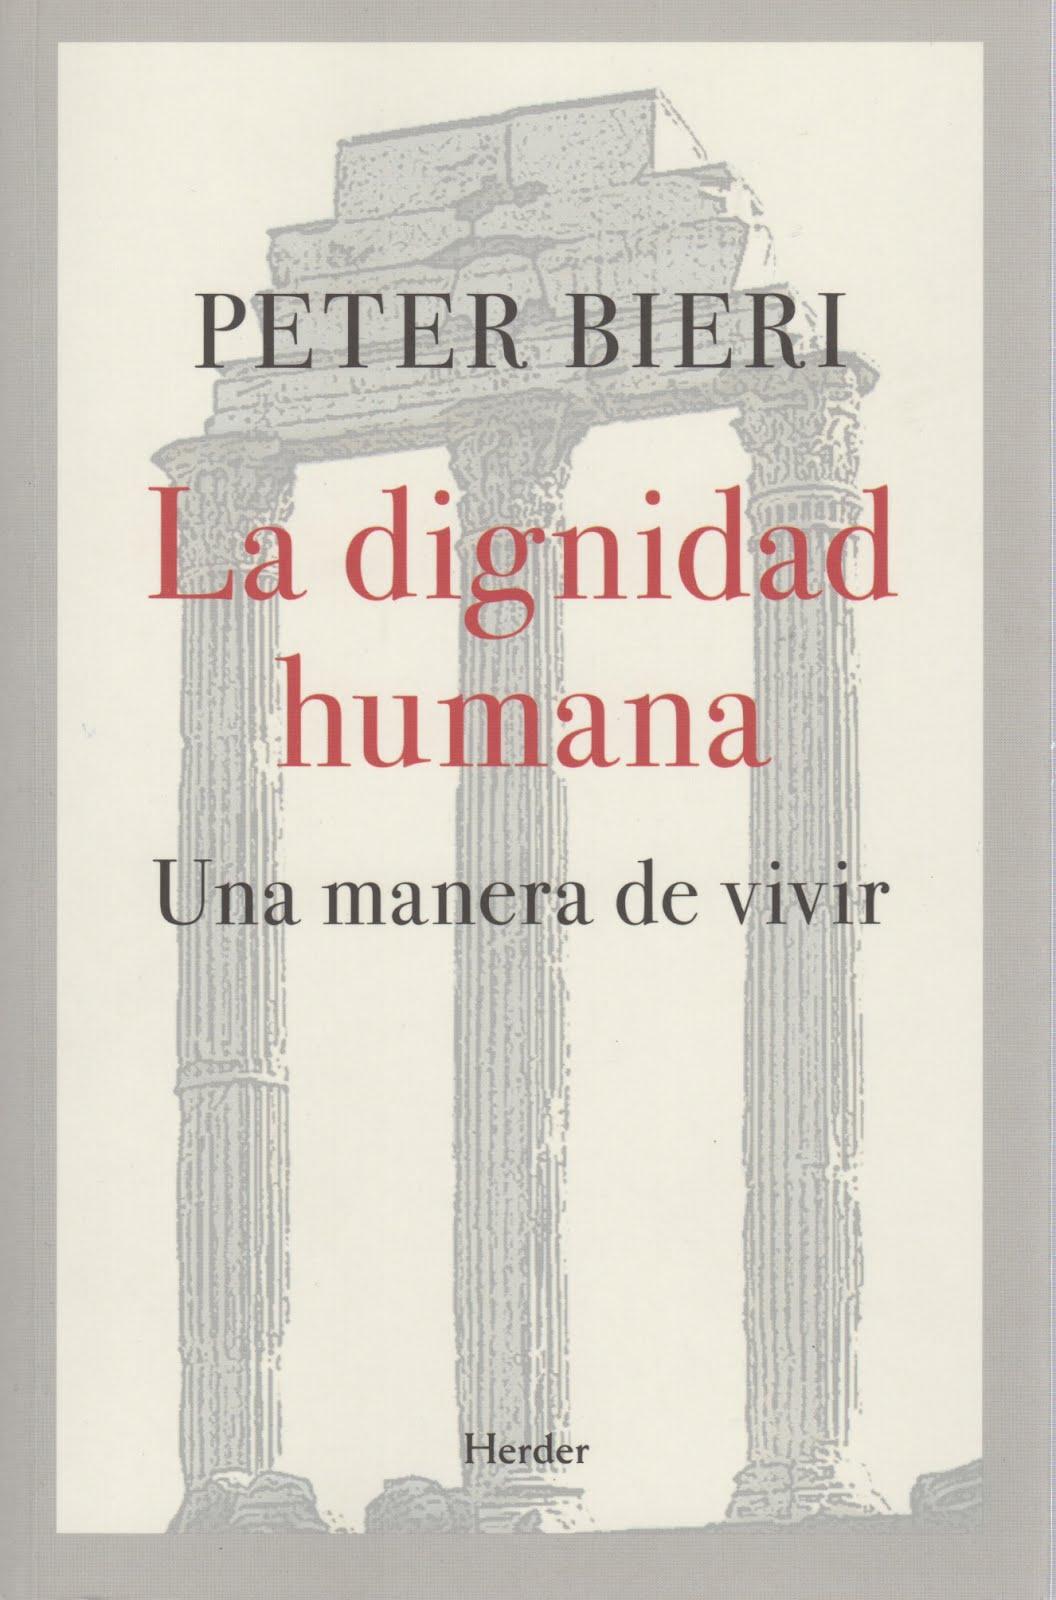 Peter Bieri (La dignidad humana) Una manera de vivir